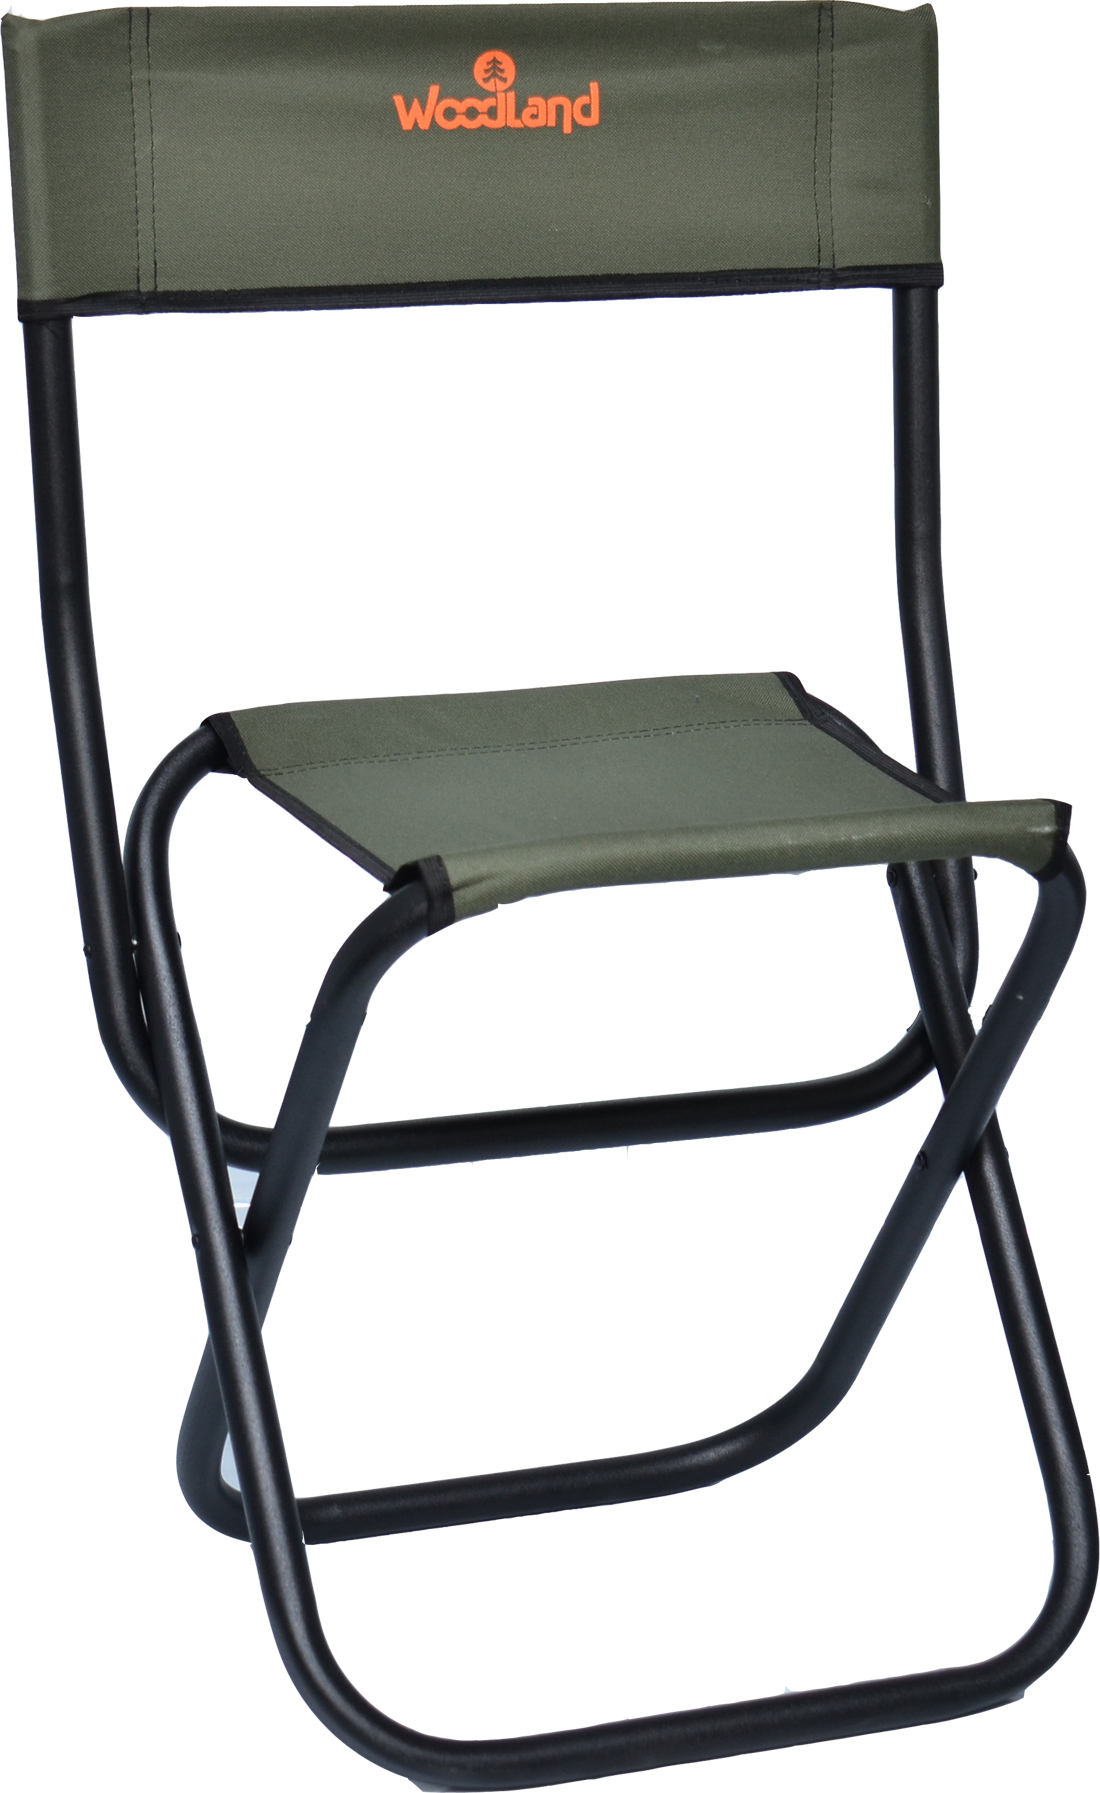 Стул Woodland Tourist MIDI, складной, кемпинговый, Стулья, кресла<br>РАЗМЕР: 40 х 30 х 40 (70) см МАТЕРИАЛЫ: сталь ? <br>22 мм Oxford 600D ВЕС: 2,42 кг. • Усиленная складная <br>конструкция. • Прочный стальной каркас, <br>диаметром 22 мм, с покрытием. • Водоотталкивающее <br>ПВХ покрытие ткани Oxford 600D. • Максимально <br>допустимая нагрузка 120 кг.<br>